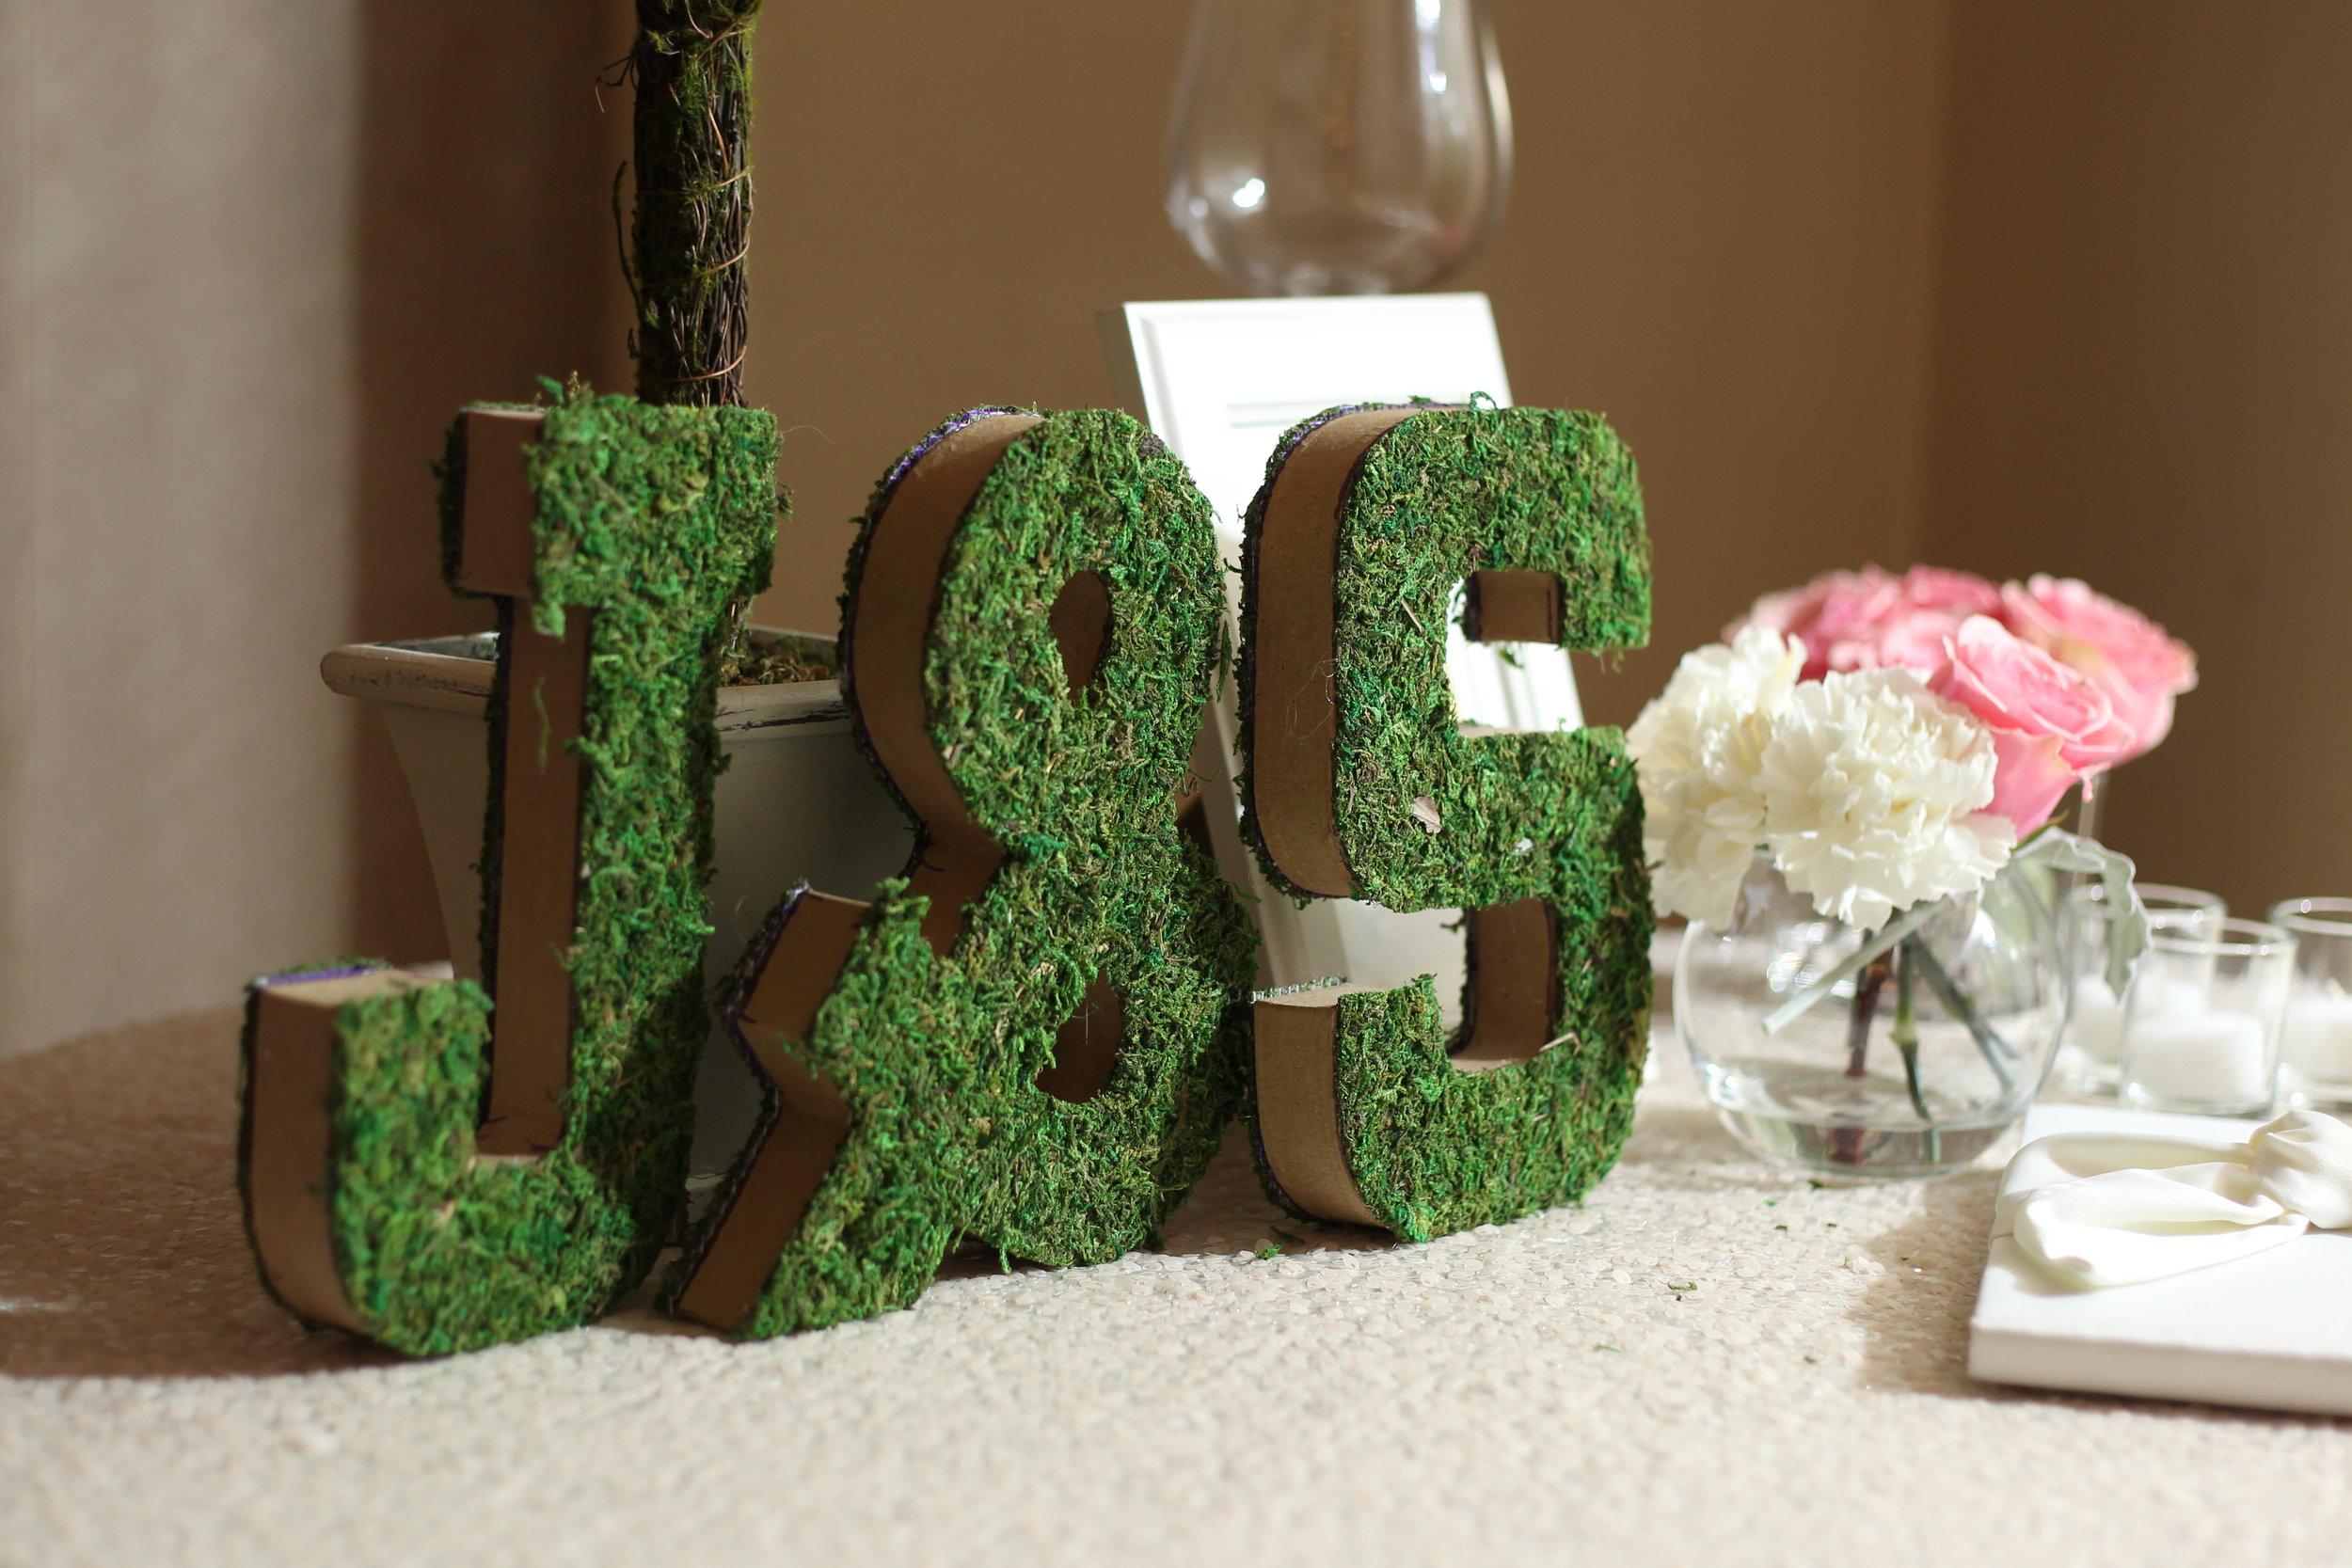 sign-in_table_arrangement_initials.JPG